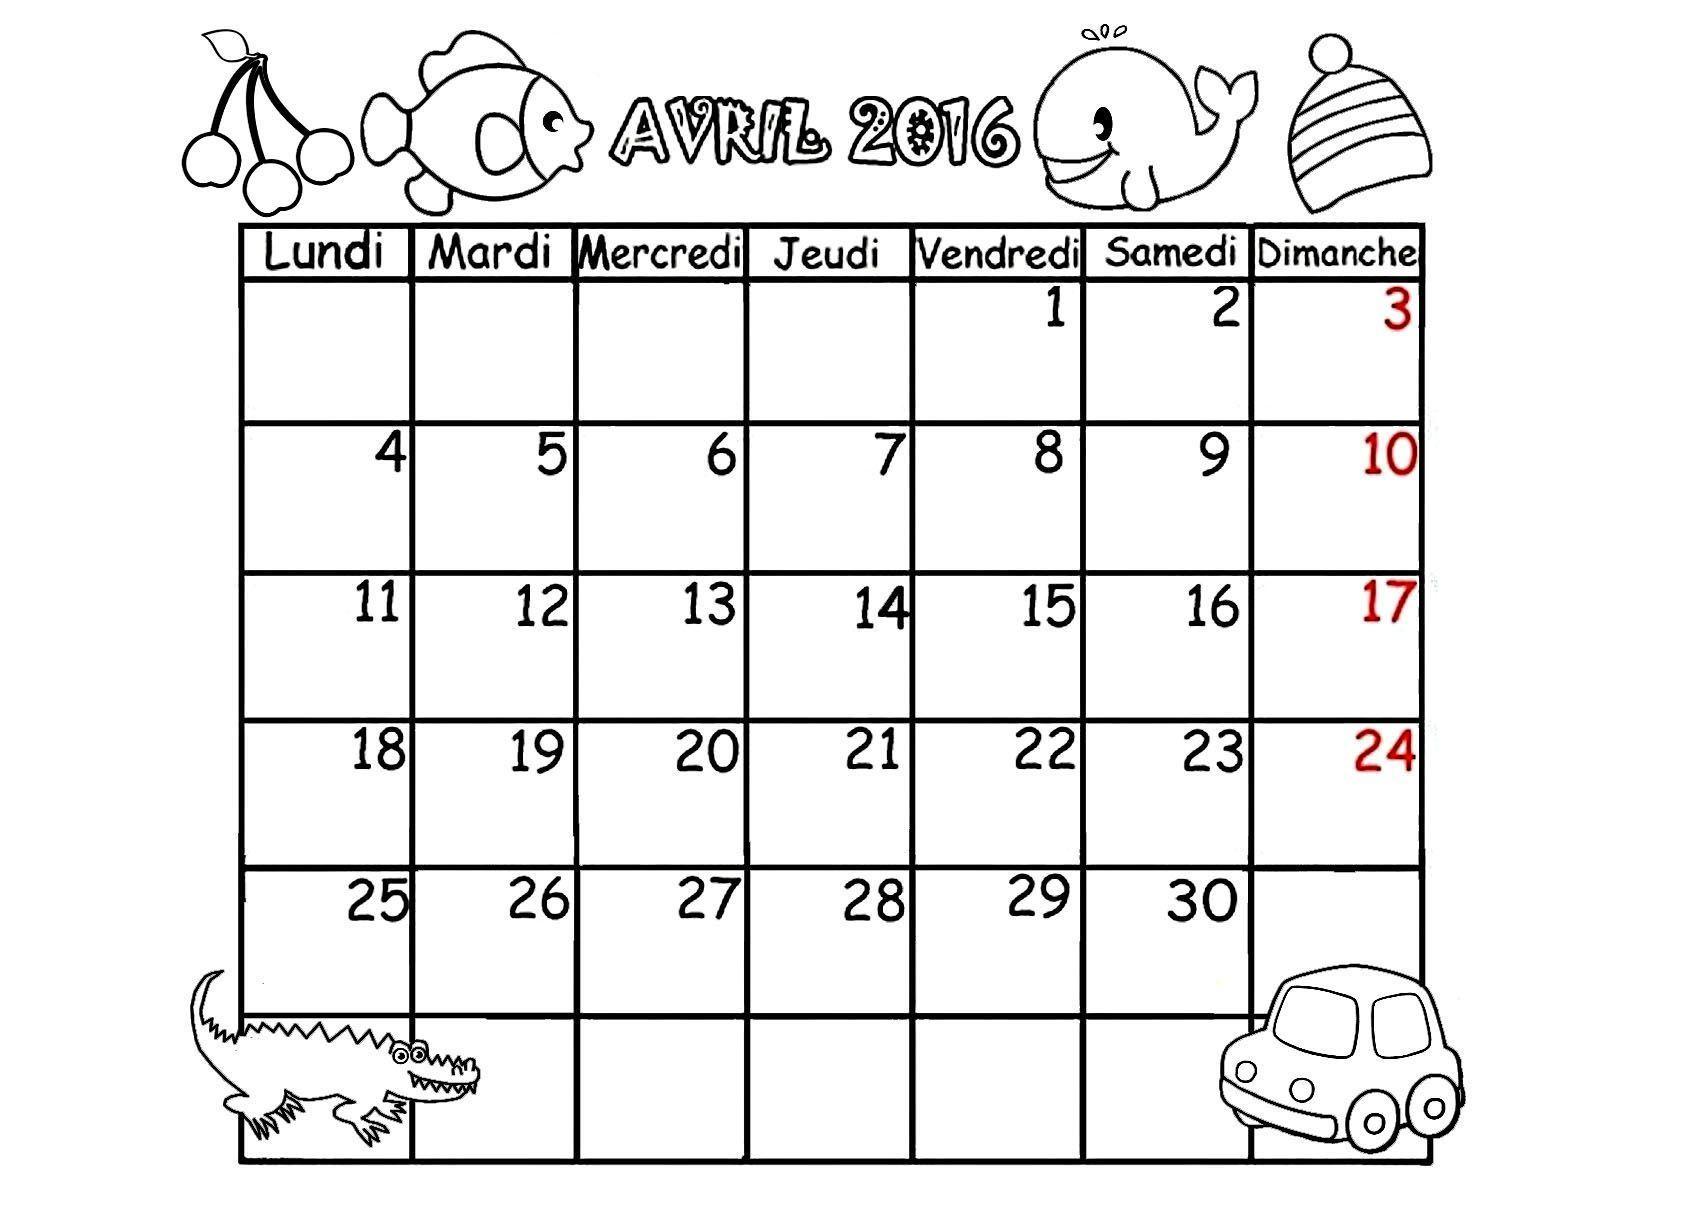 Calendrier 2016 mois de janvier fevrier mars avril - Coloriage mois d avril ...